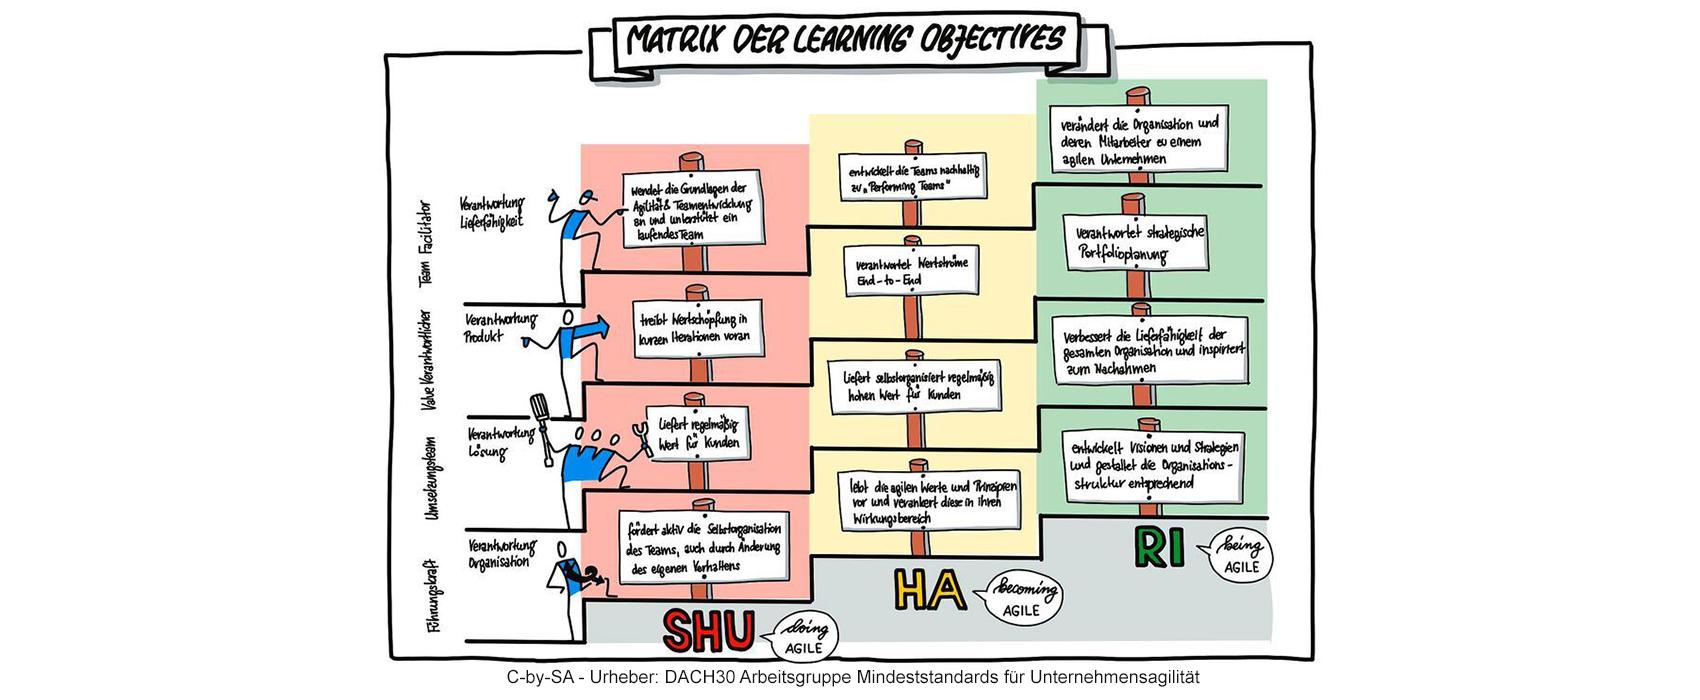 Matrix der Learning Obejctives